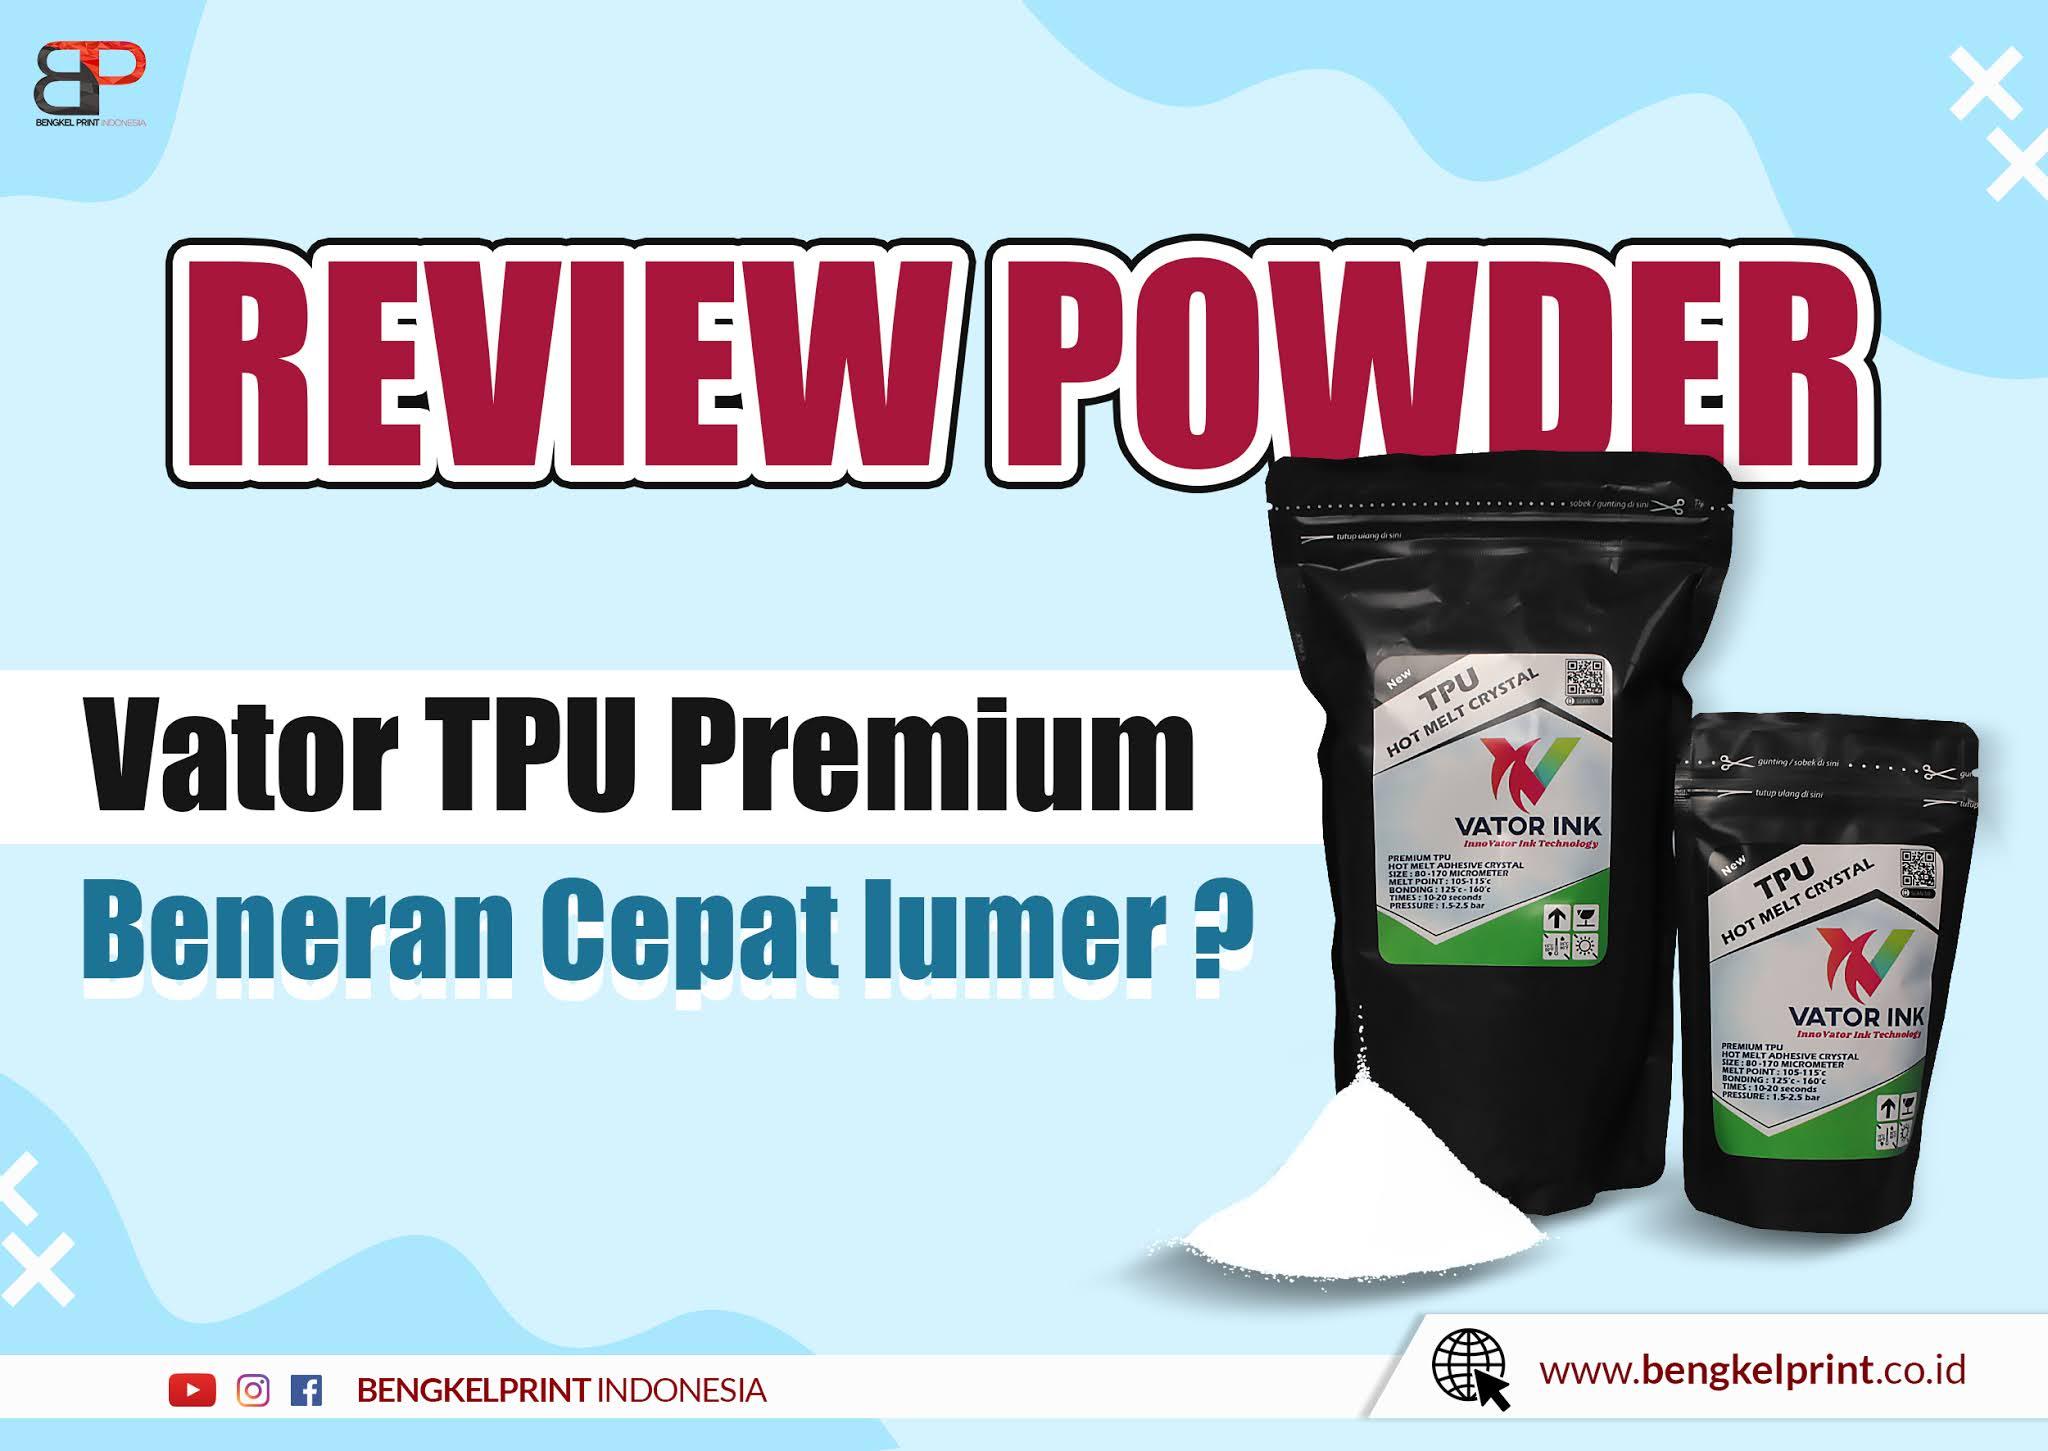 Jual Vator TPU Premium murah